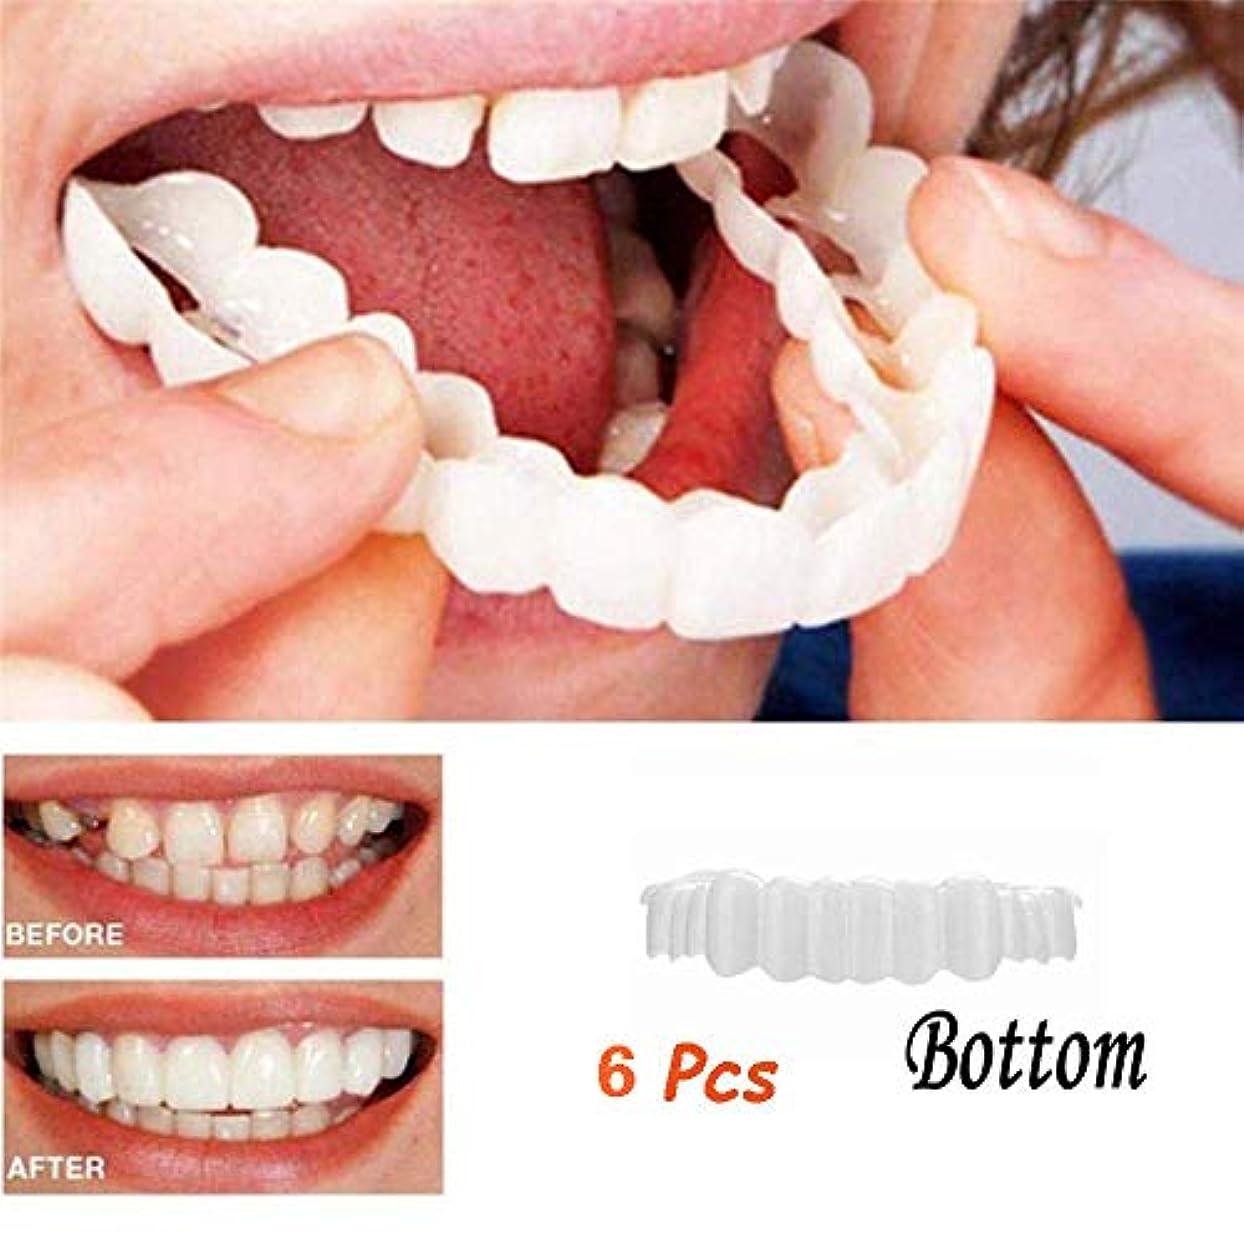 選挙思春期強要6本底化粧品の歯の快適さフィットフレックス化粧品の歯義歯歯低歯のホワイトニングスナップオンインスタント笑顔サイズフィット